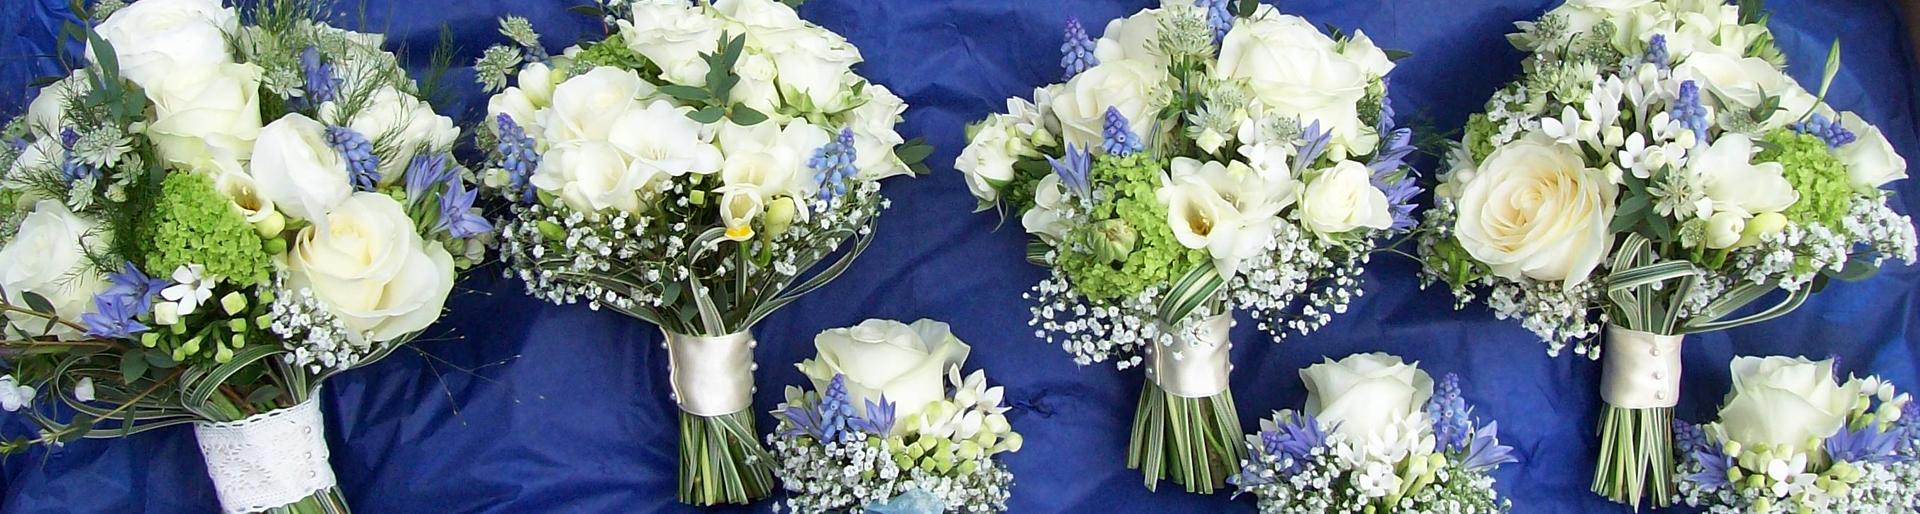 Floral Designs By Nigel Whyles